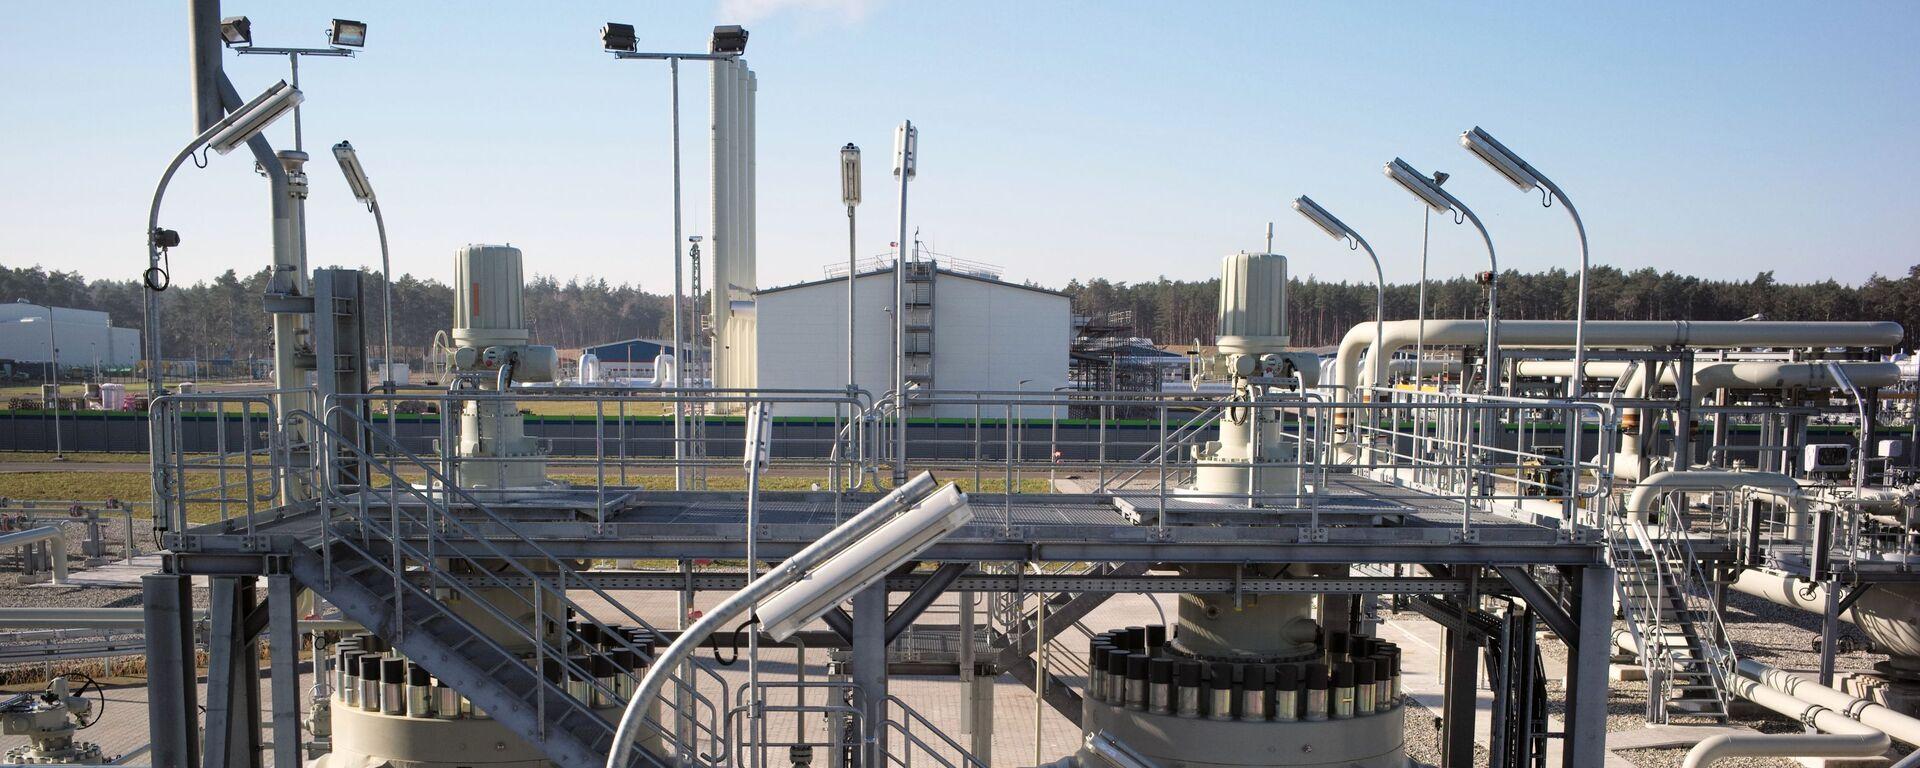 Obiekty lądowe gazociągu Nord Stream 2 w Lubminie w Niemczech - Sputnik Polska, 1920, 06.03.2021